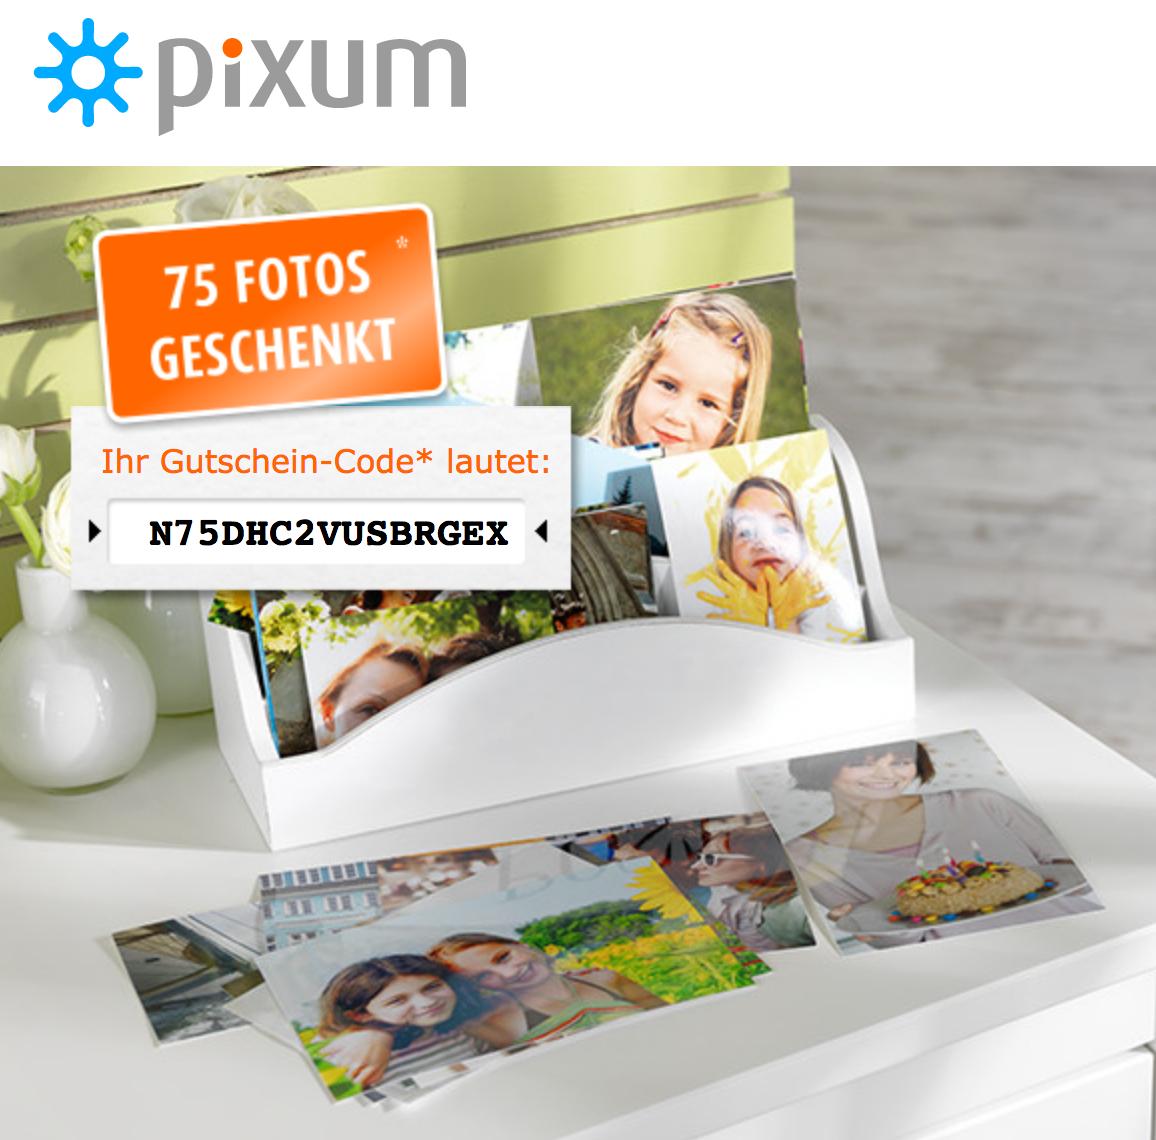 Pixum: 75 Fotos inkl Versand um 3,99 € - statt 15,24 € - 74%